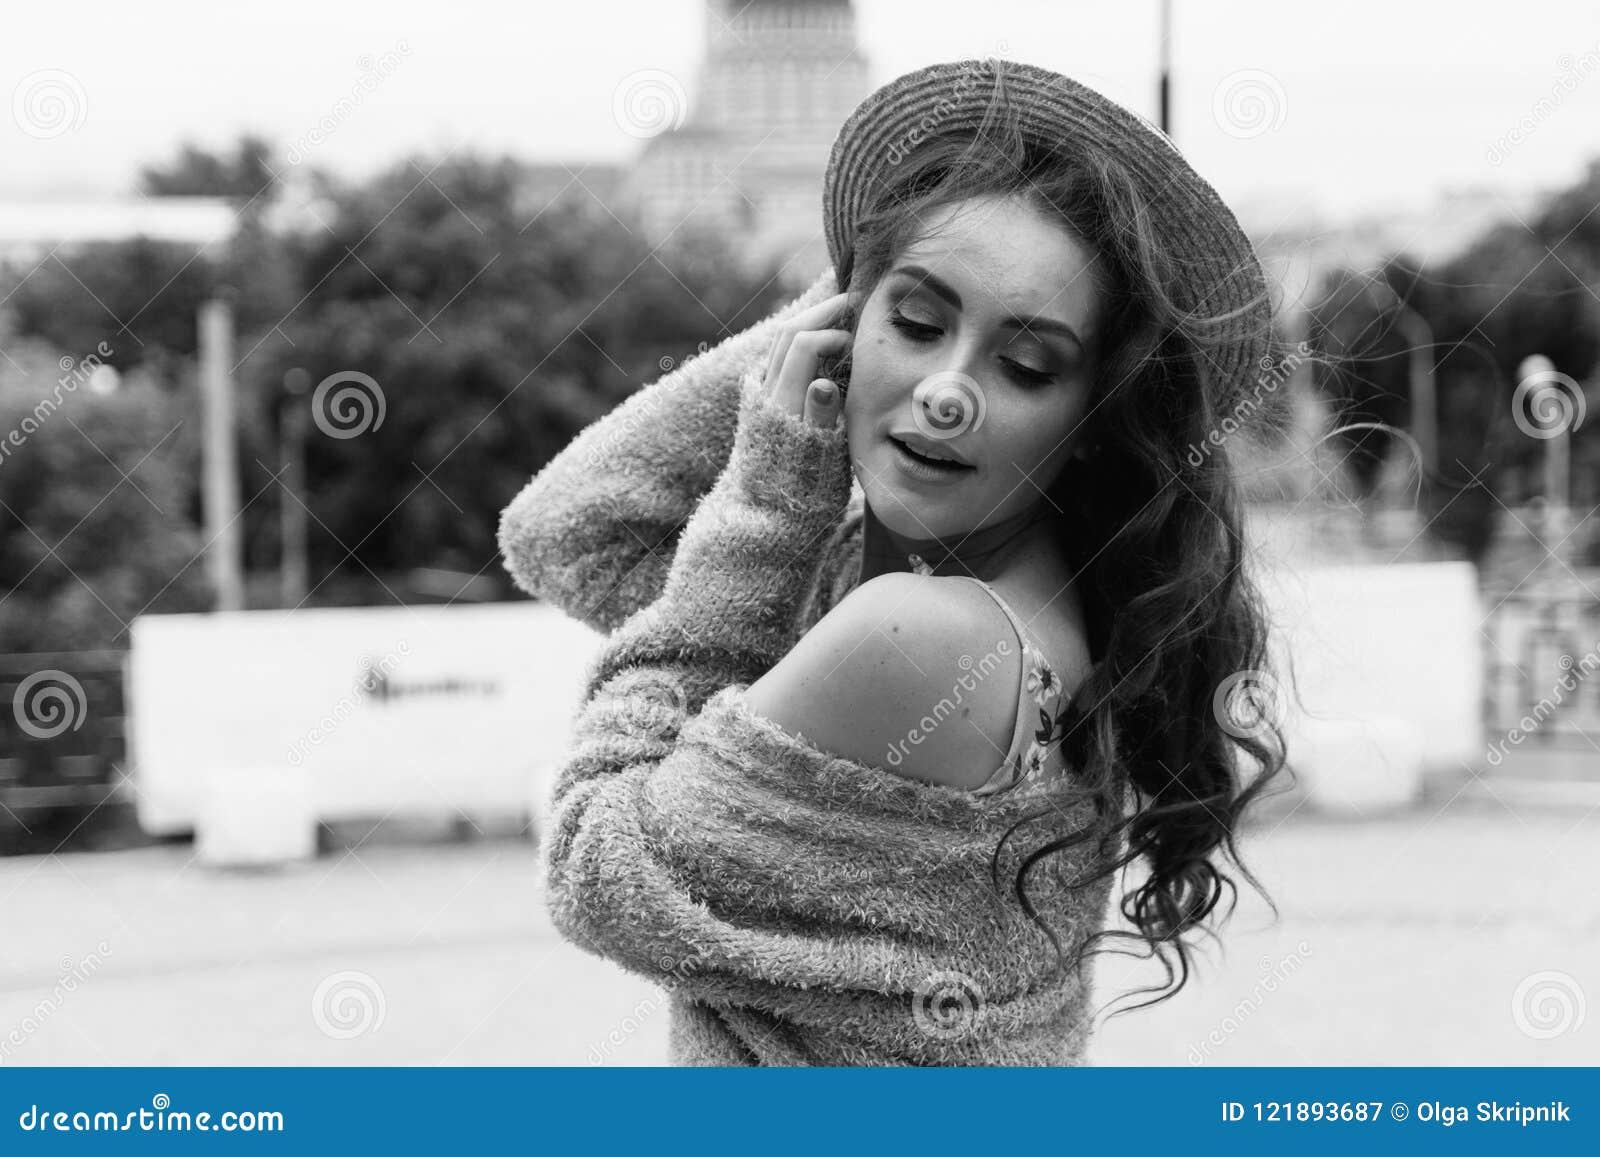 Porträt ein schönes Mädchen in einem Hut, sitzt auf Schrotten hält das Haar vom Wind Weg um die Stadt Porträt eines rothaarigen g